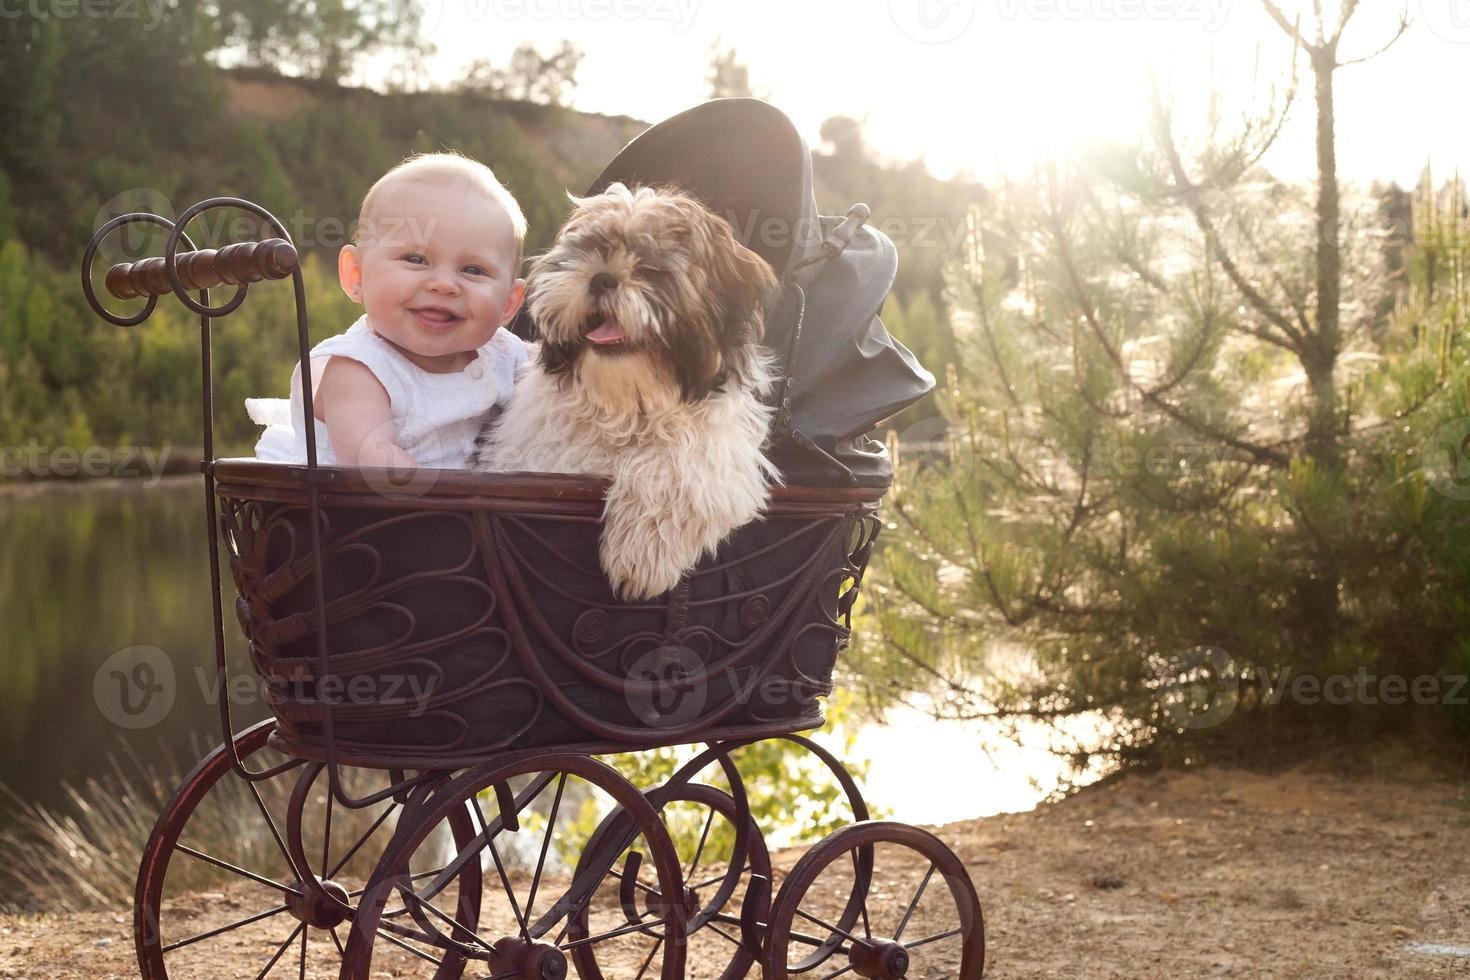 bebé y perrito en apram foto